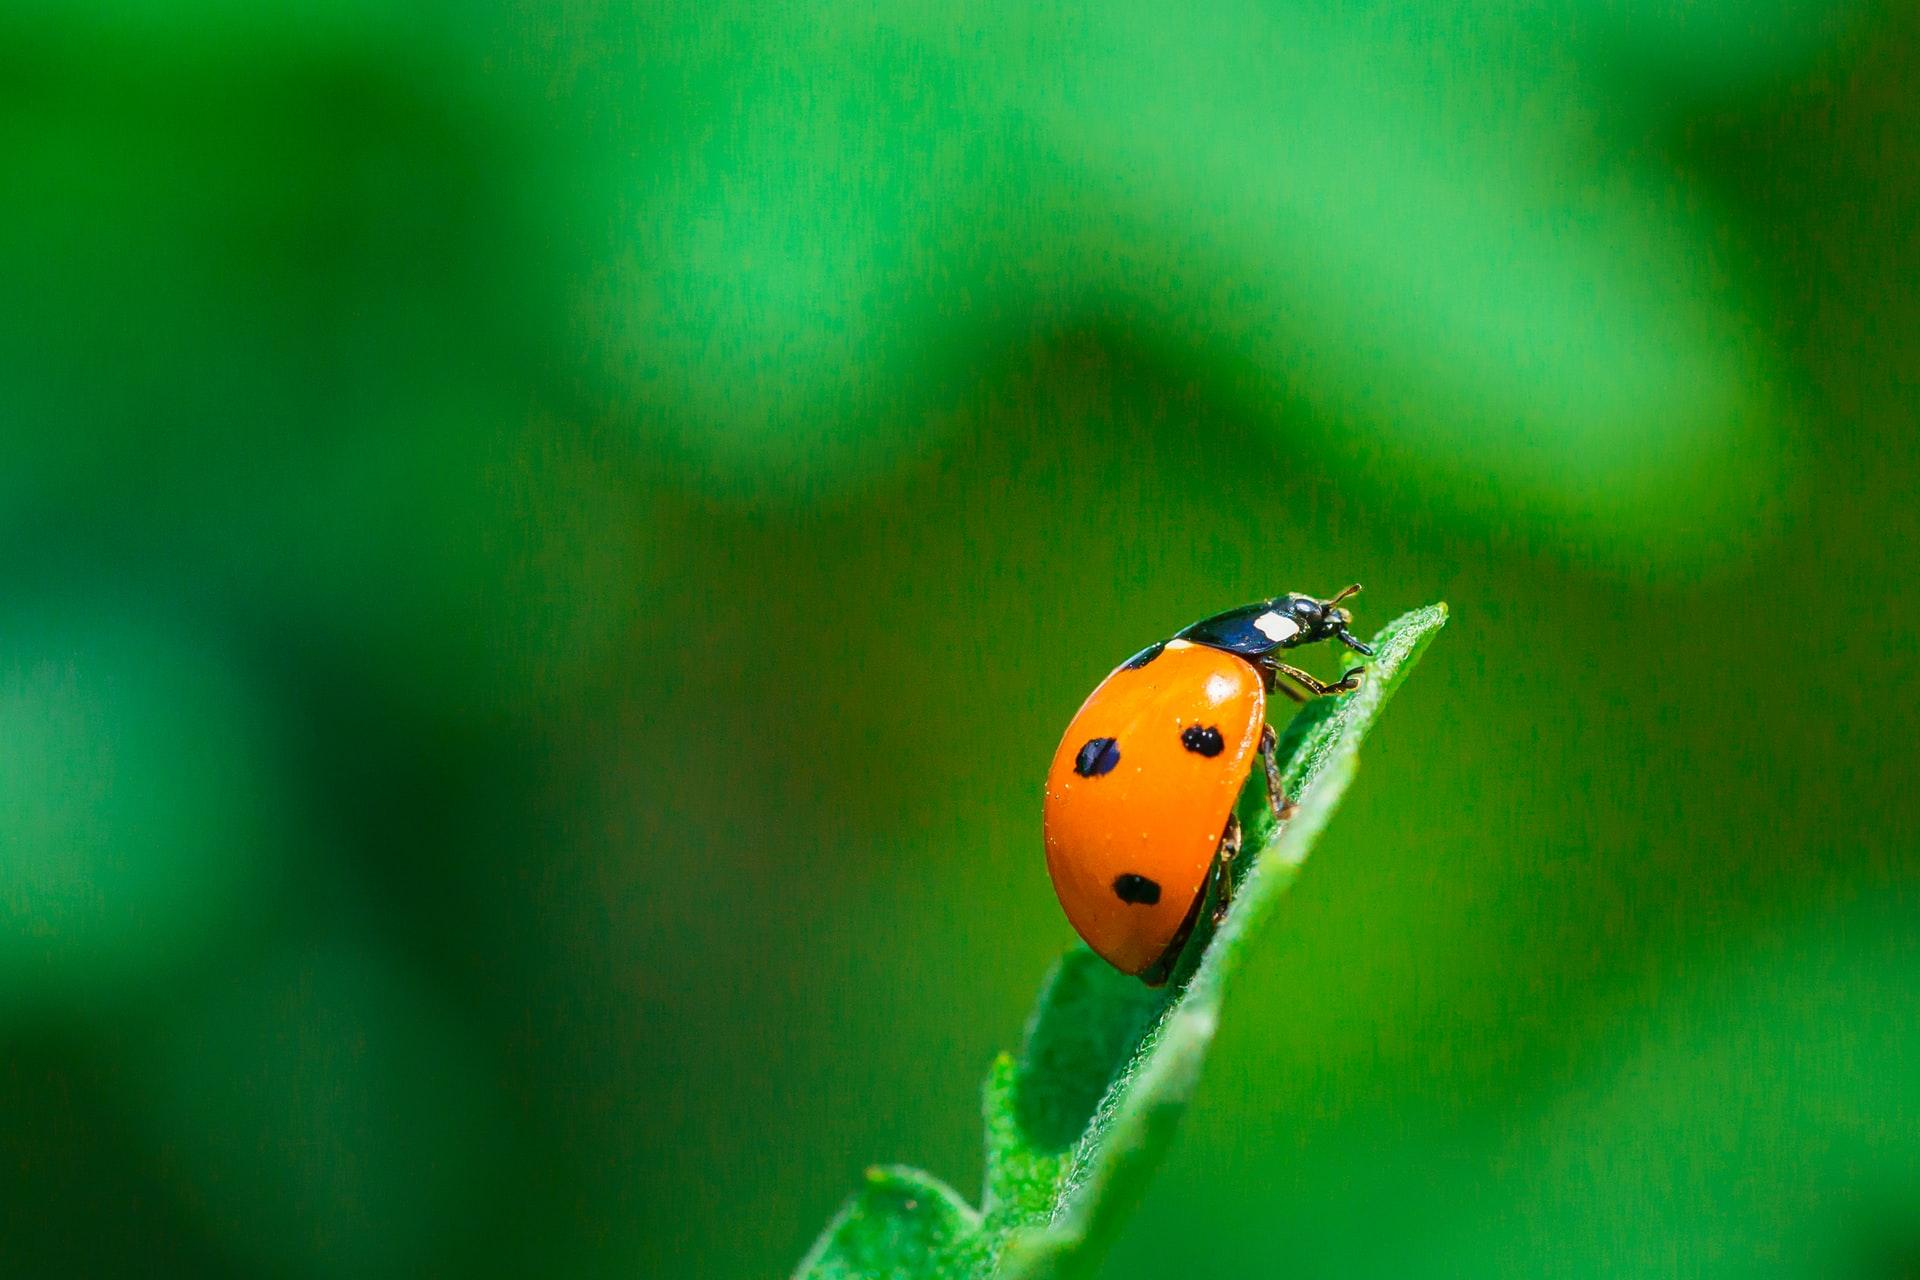 Der Marienkäfer mit seinen häufigen sieben Punkten gilt als Glückssymbol